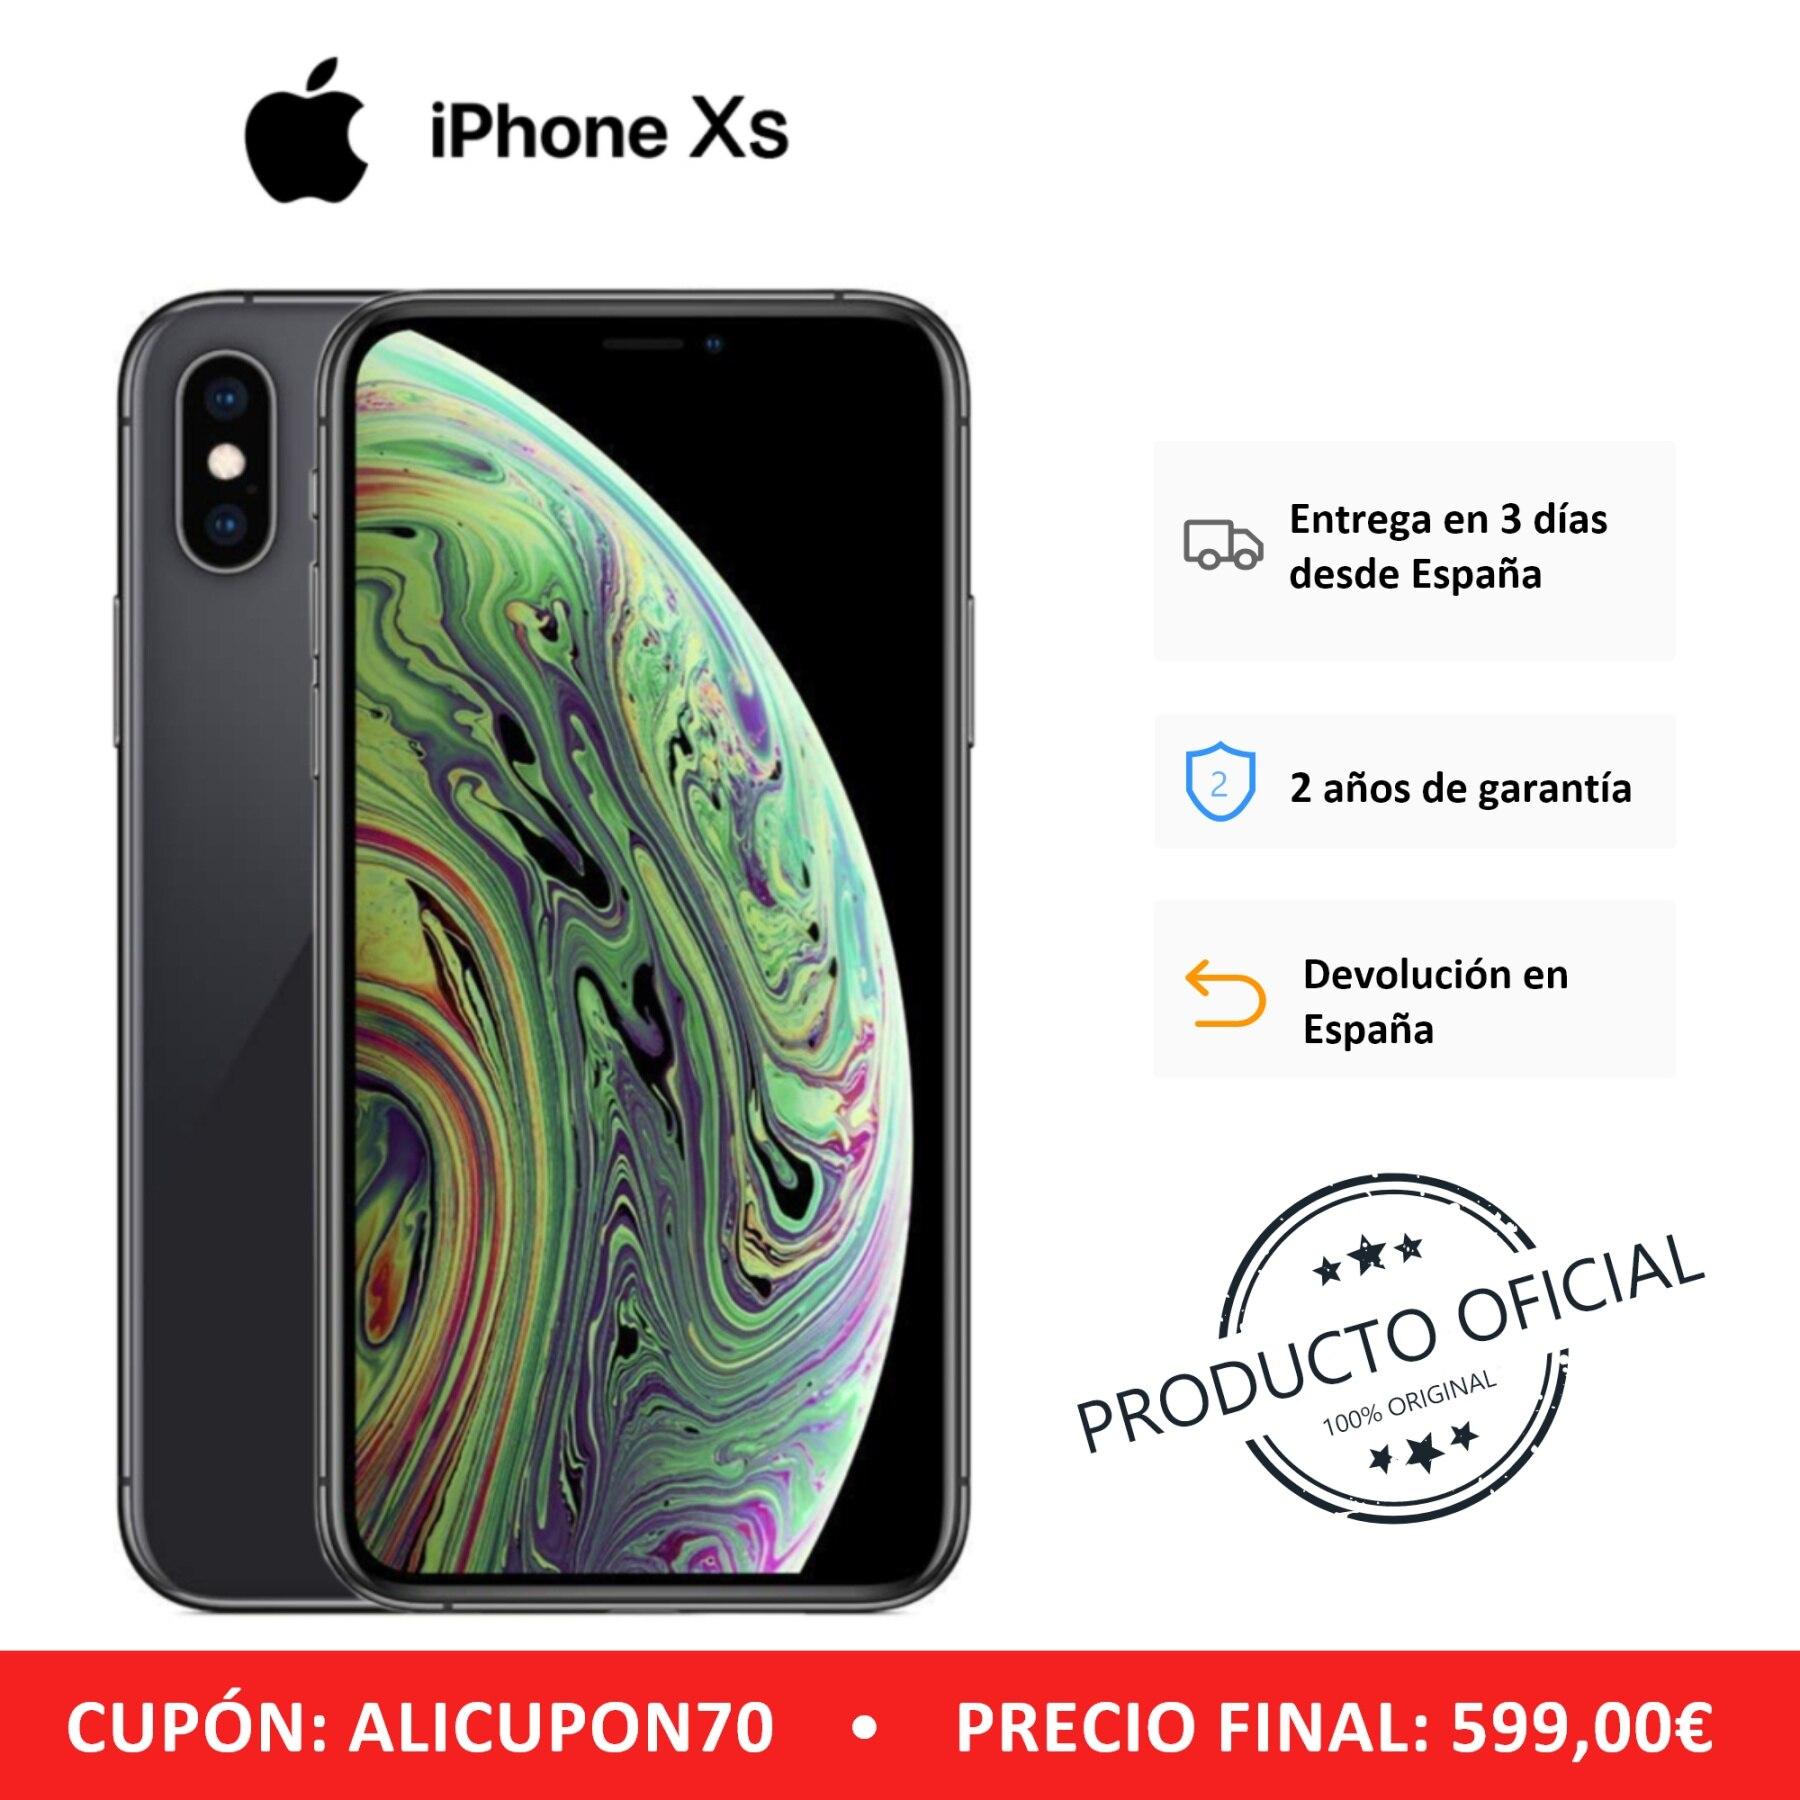 Apple iPhone Xs, couleur gris (gris), Version ue. Bande 4G/LTE/Wi-Fi, 6 mémoire interne de 4 go, mémoire vive 4 go, écran